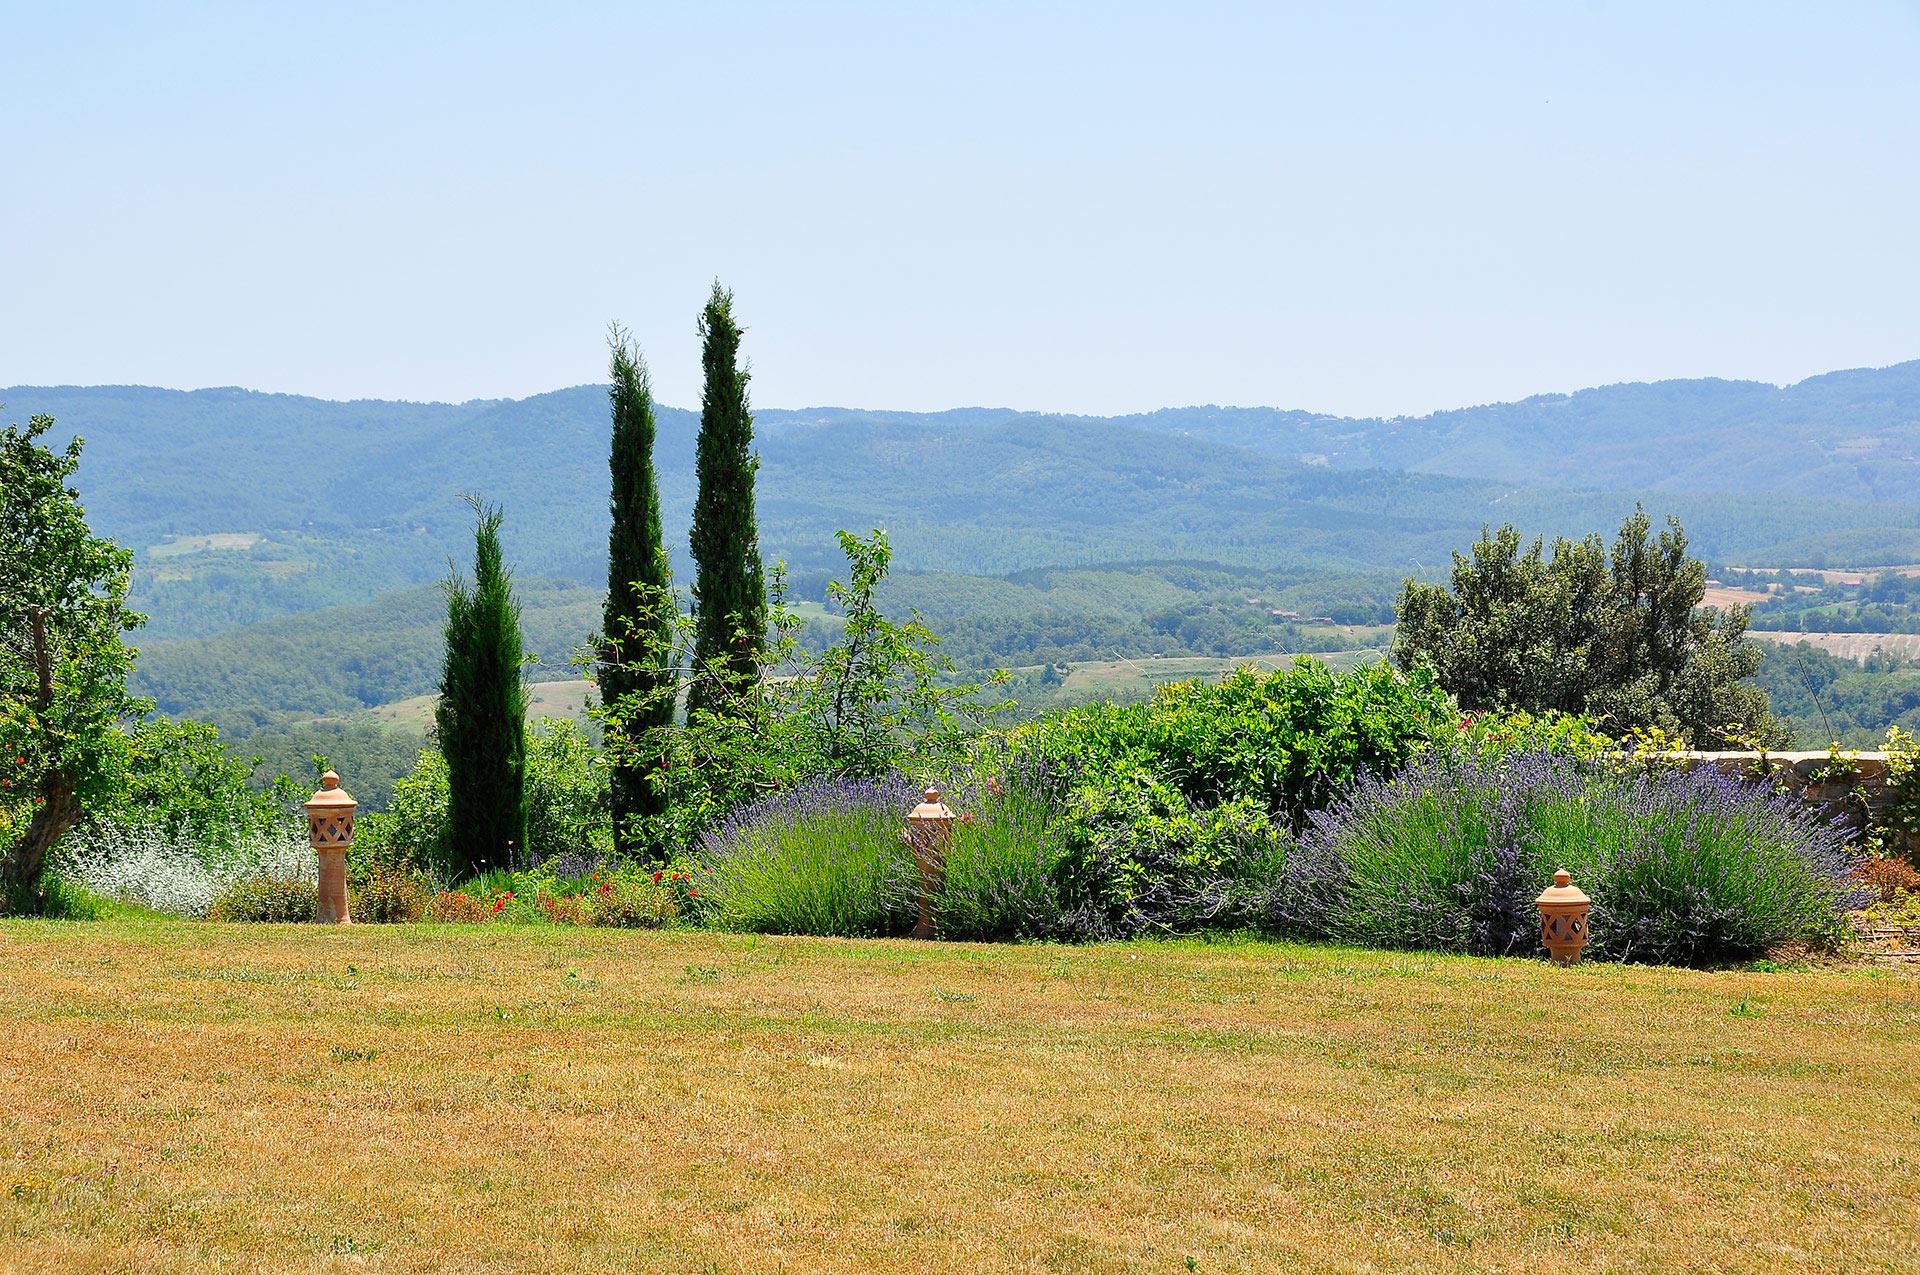 architettura del paesaggio, landscape design, scenografie verdi - Toscana